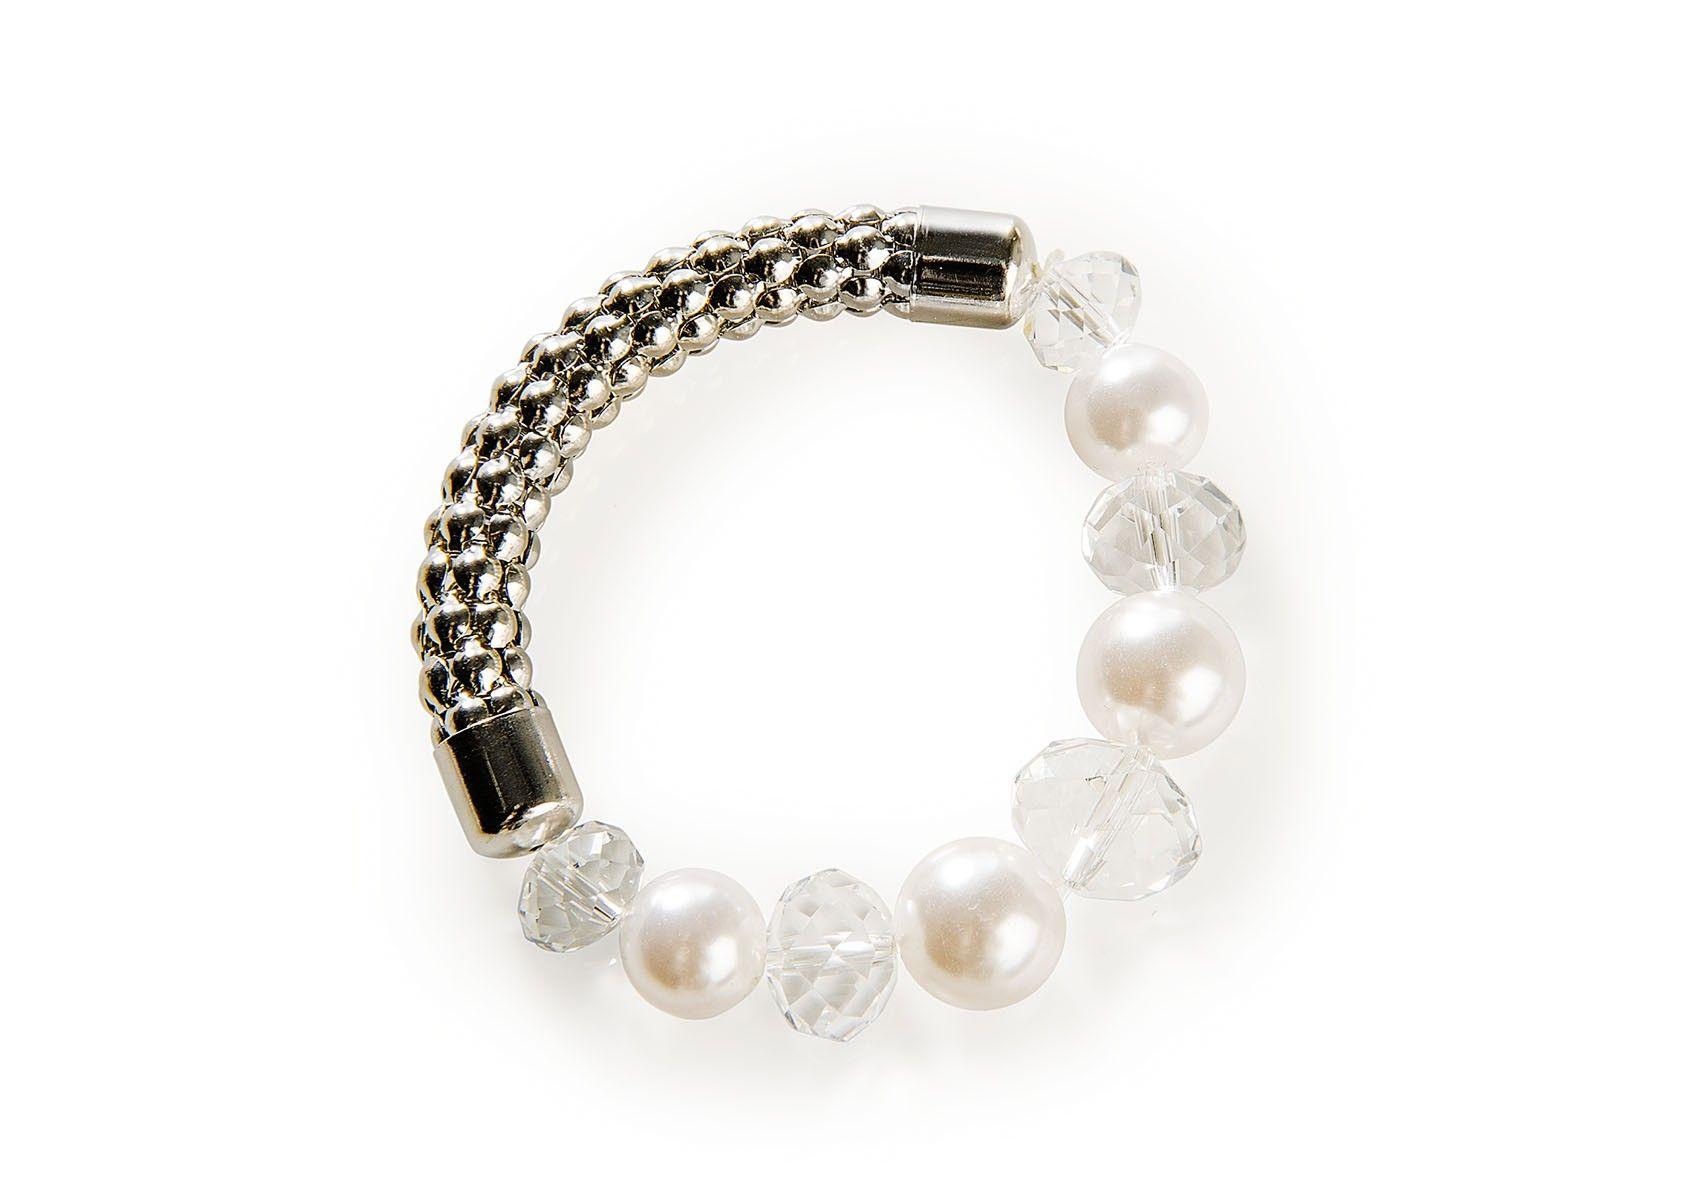 Rannekoru valkoisilla helmillä, kirkkailla kivillä sekä hopealla metalliosalla.